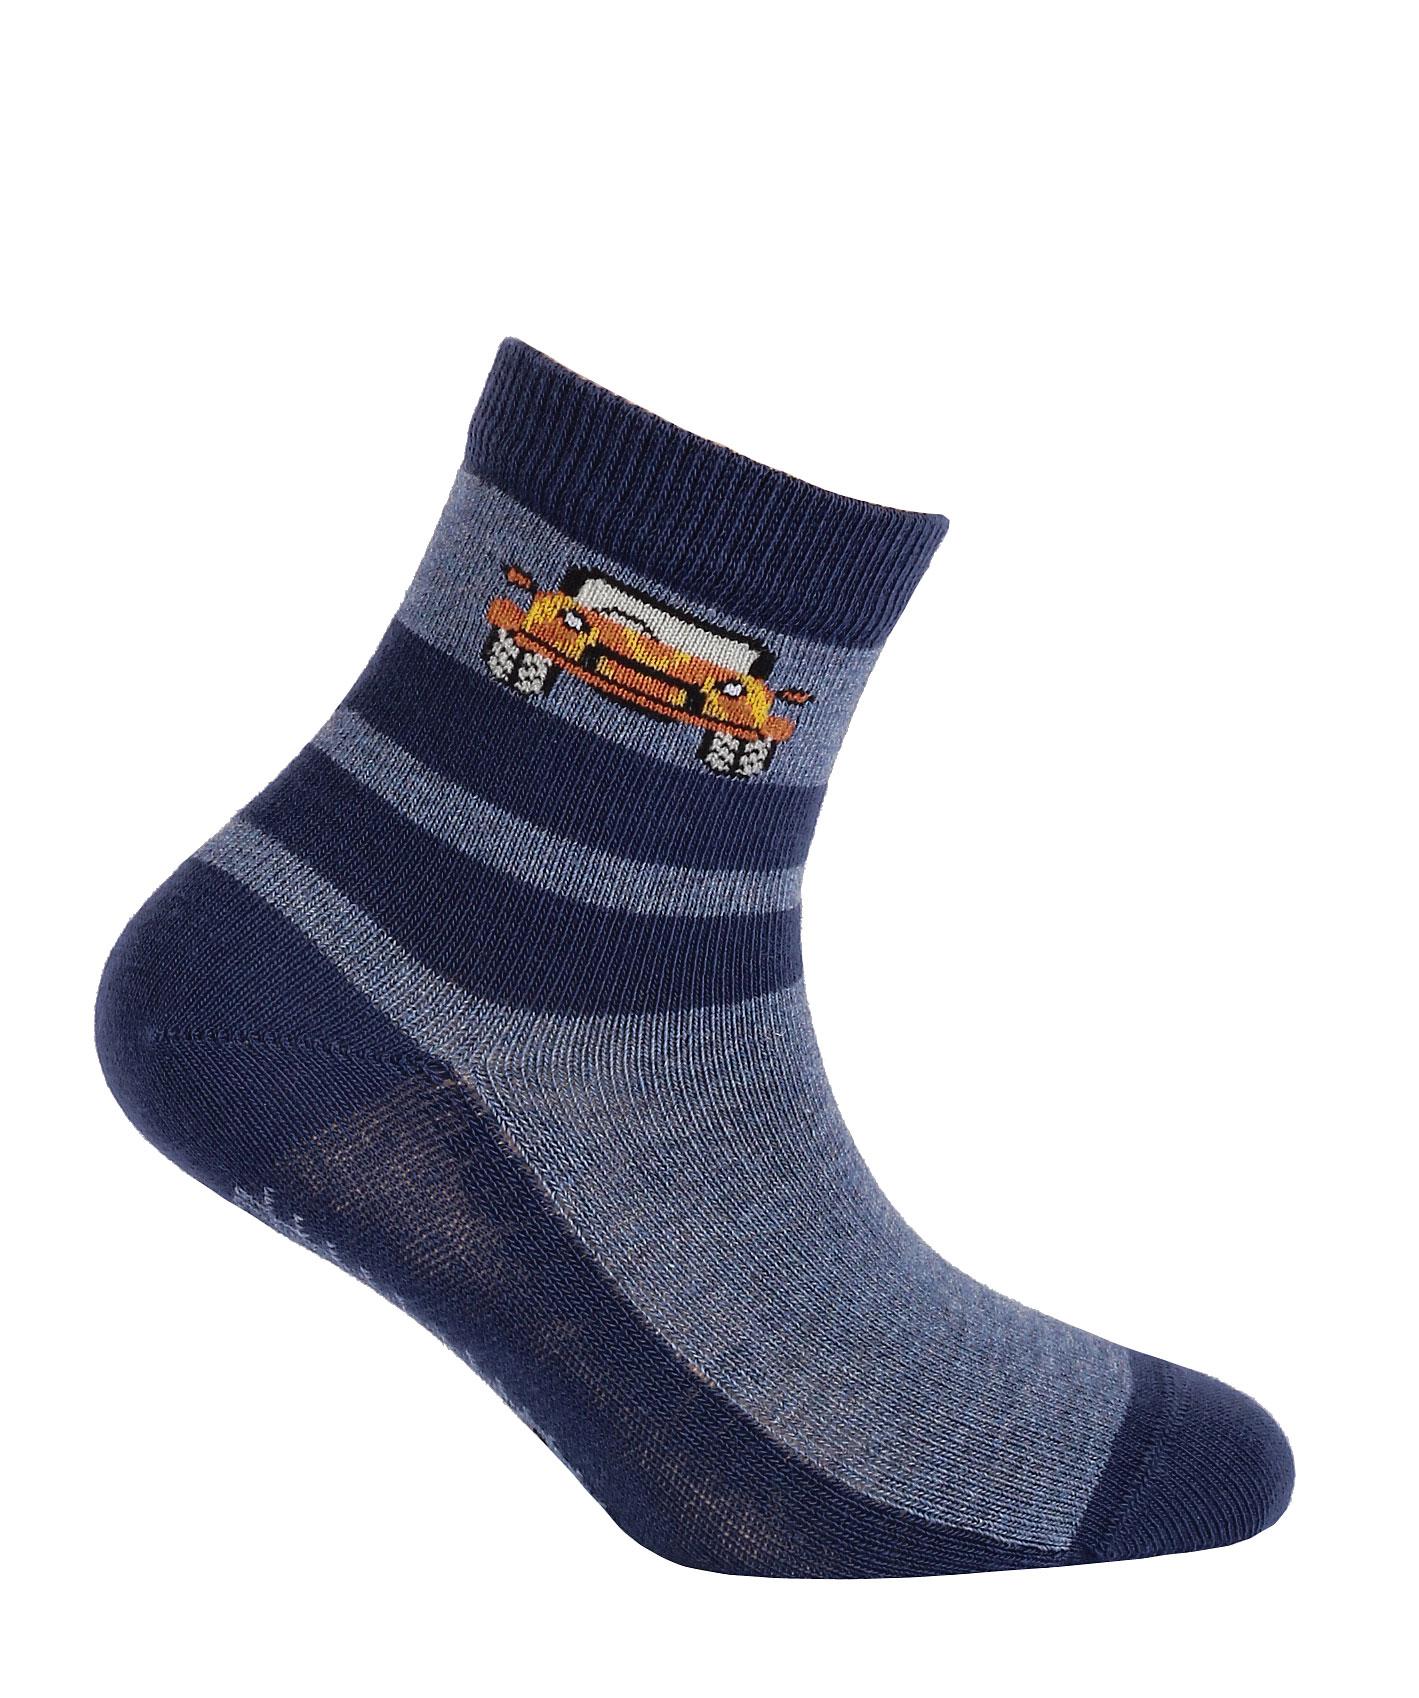 Chlapecké ponožky s obrázkem GATTA JEEP modré Velikost: 21-23